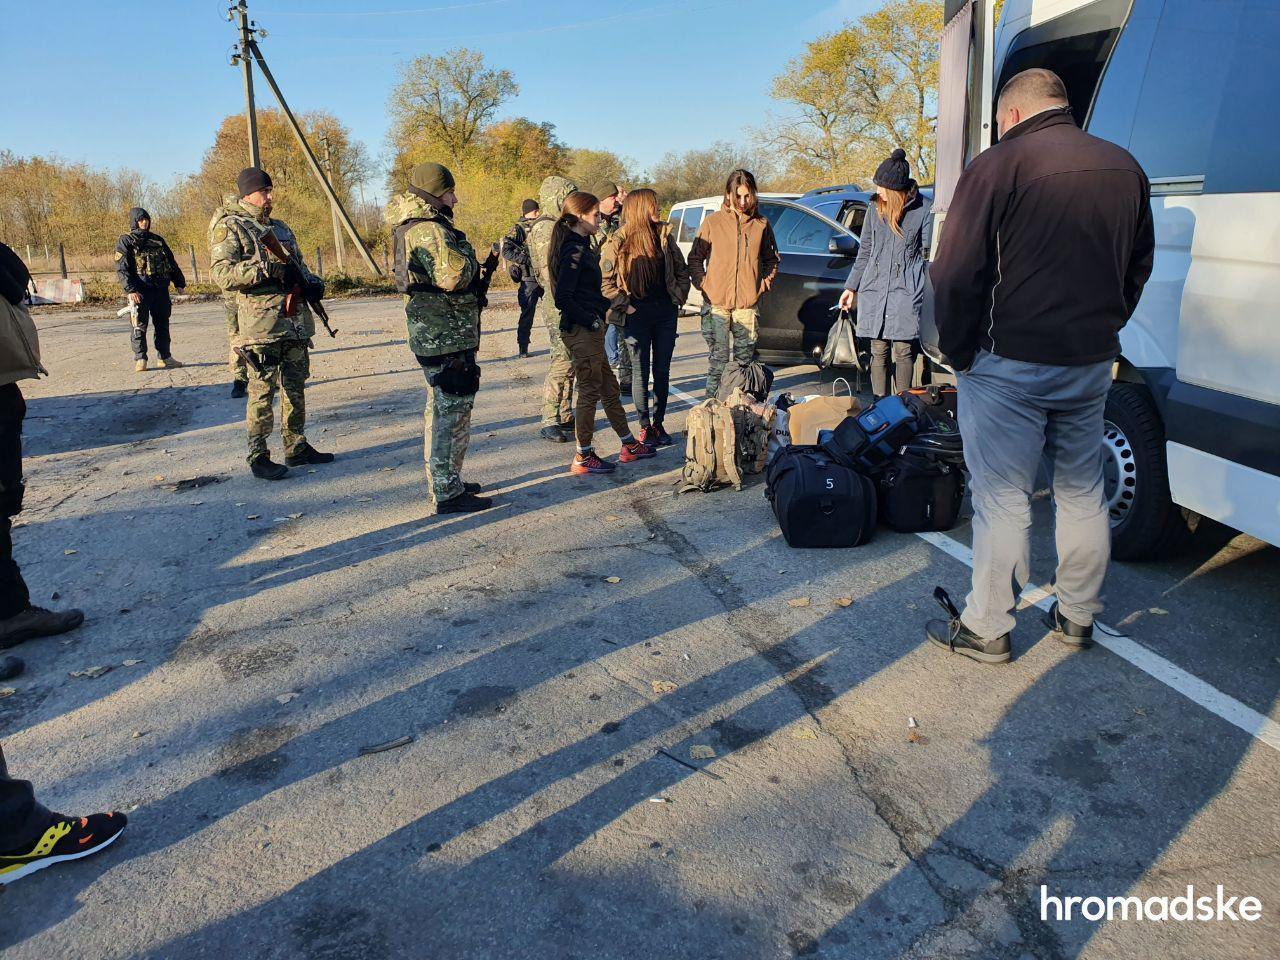 Поліція вилучила зброю у ветеранів АТО, які проривалися у Золоте для зриву розведення сил